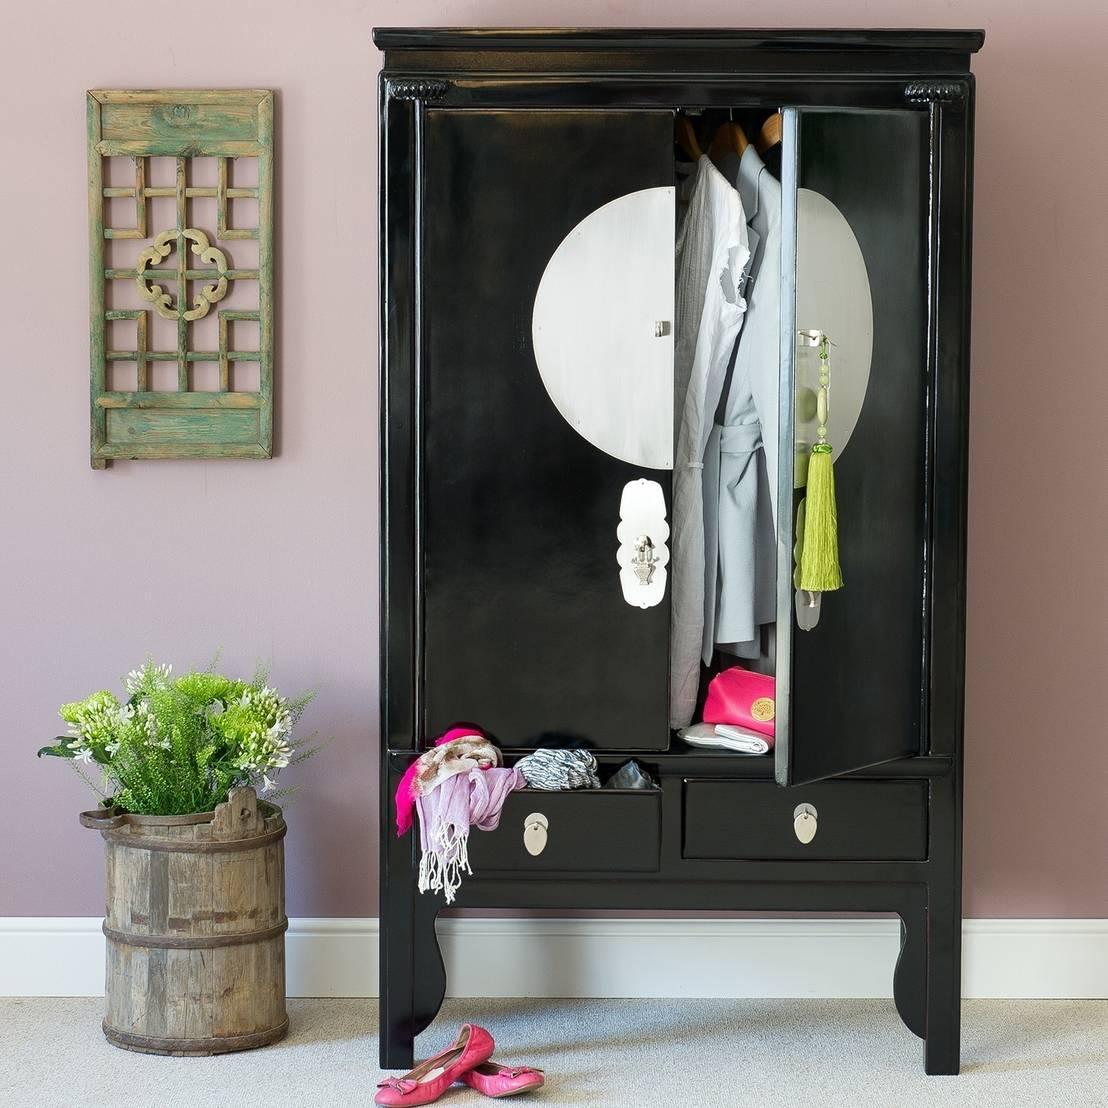 Oosterse stijl in je huis: mooi en exotisch